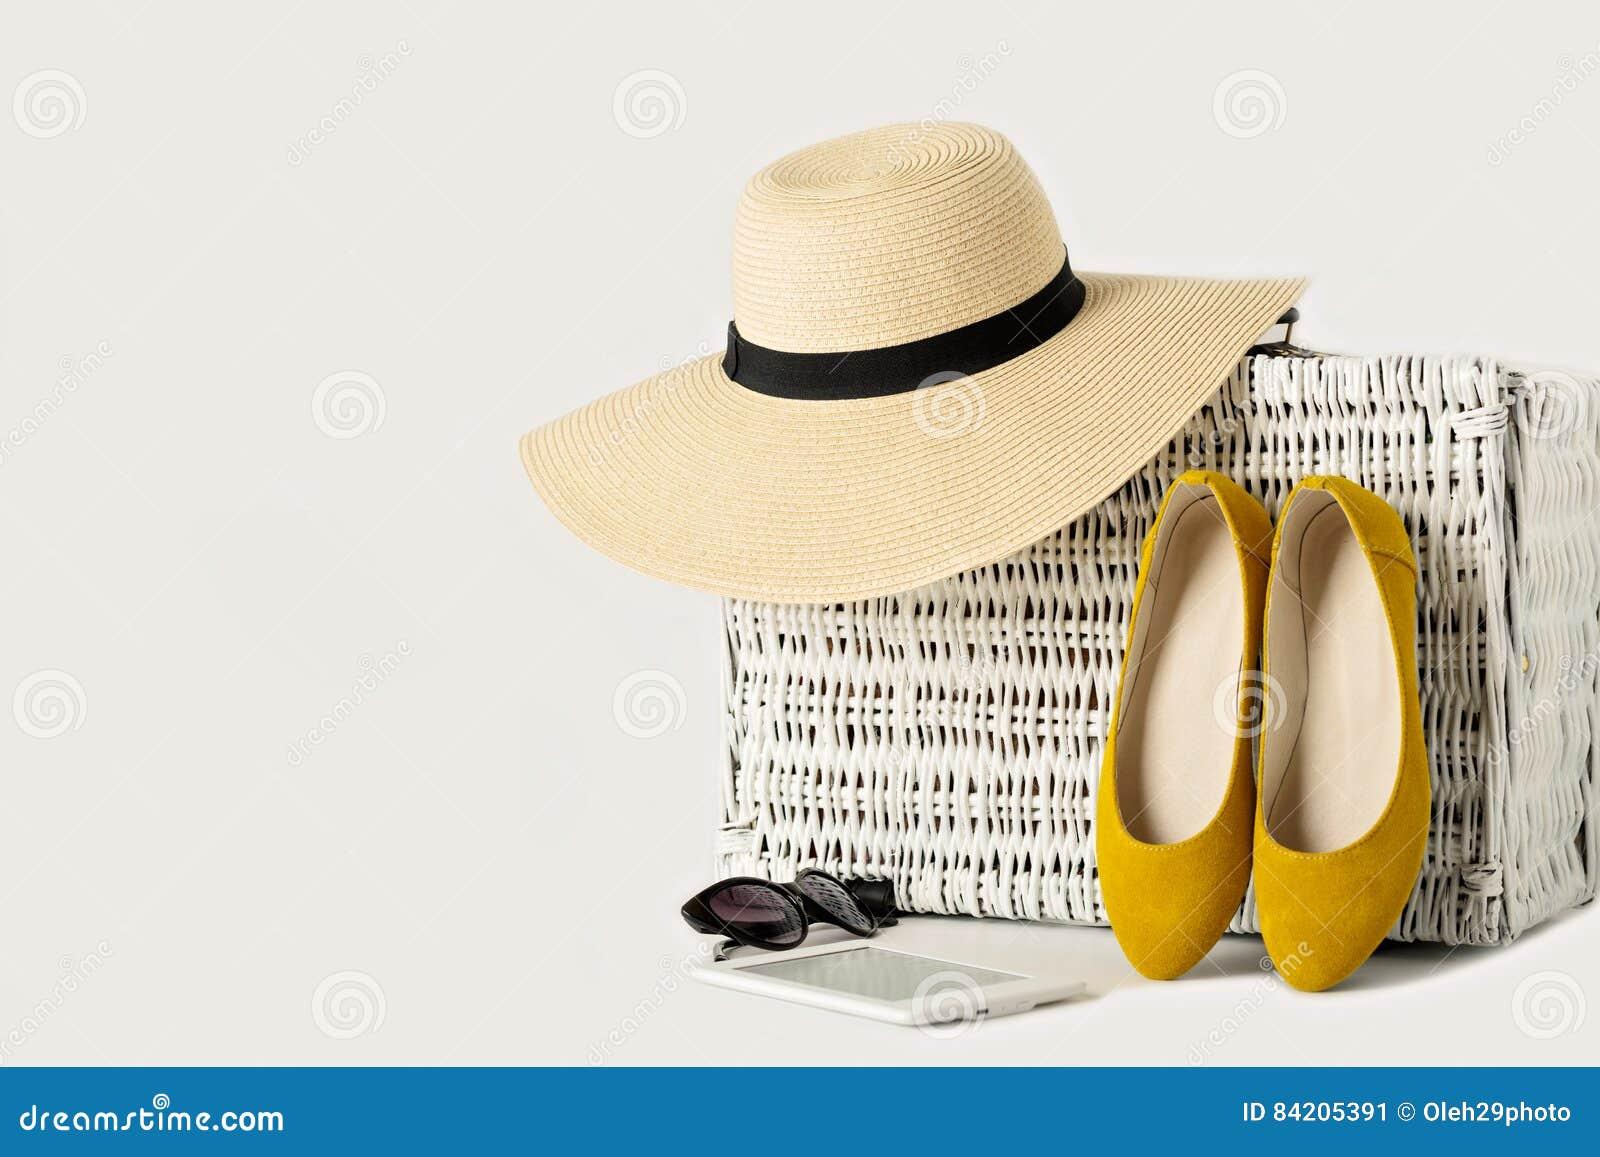 valise en osier blanche chapeau des femmes lunettes de soleil chaussures jaunes et image. Black Bedroom Furniture Sets. Home Design Ideas